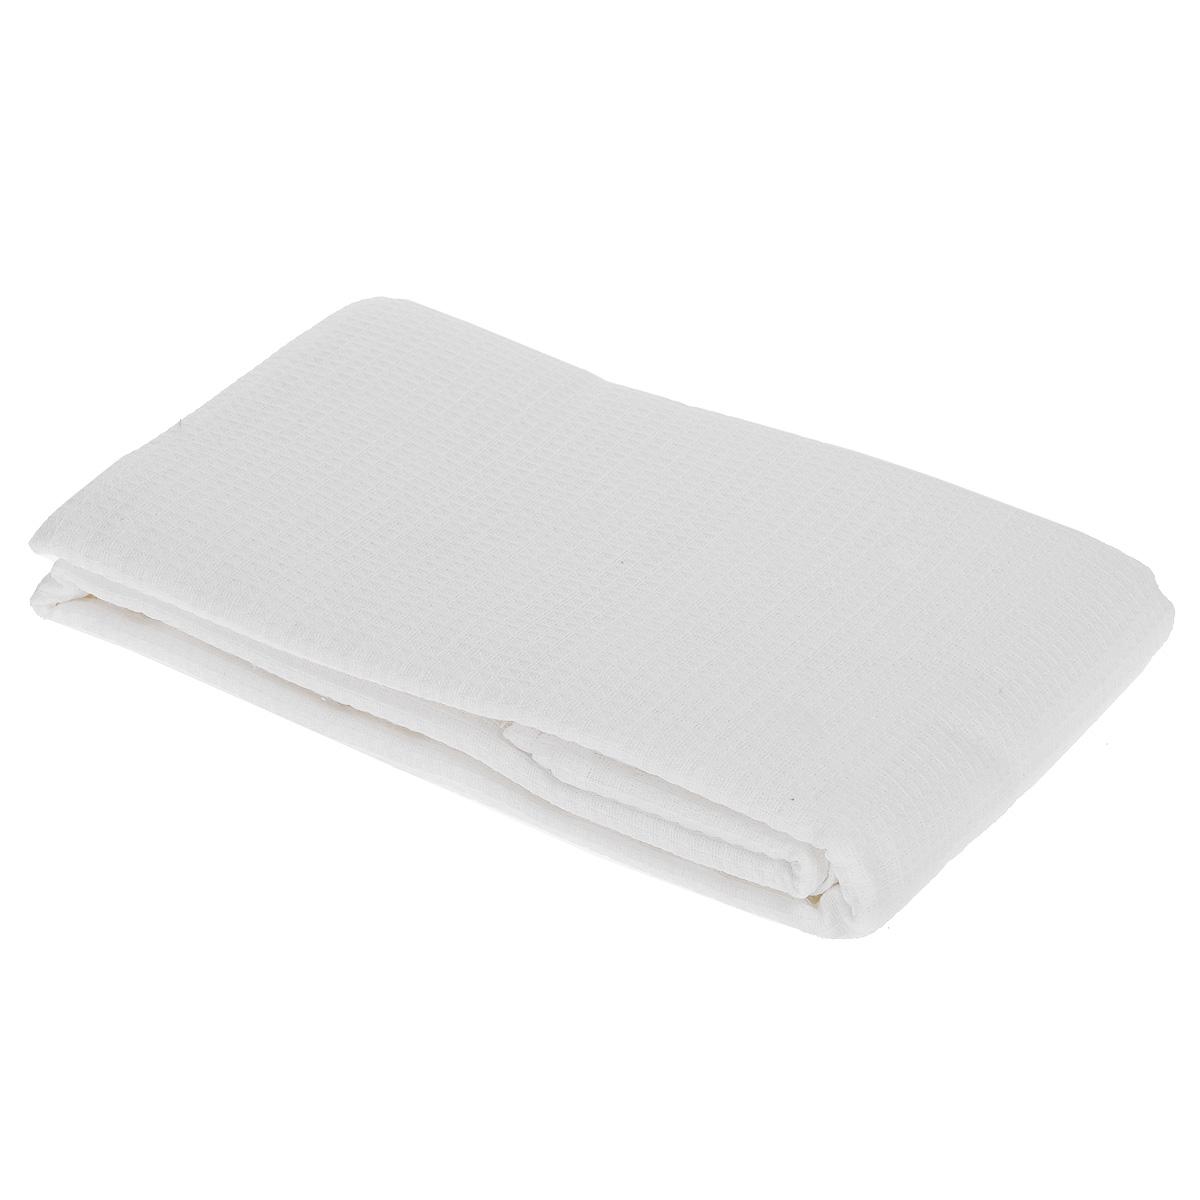 Полотенце-простыня для бани и сауны Банные штучки, цвет: белый, 80 см х 150 см32072Вафельное полотенце-простыня для бани и сауны Банные штучки изготовлено из натурального хлопка. В парилке можно лежать на нем, после душа вытираться, а во время отдыха использовать как удобную накидку. Такое полотенце-простыня идеально подойдет каждому любителю бани и сауны. Размер полотенца-простыни: 80 см х 150 см.